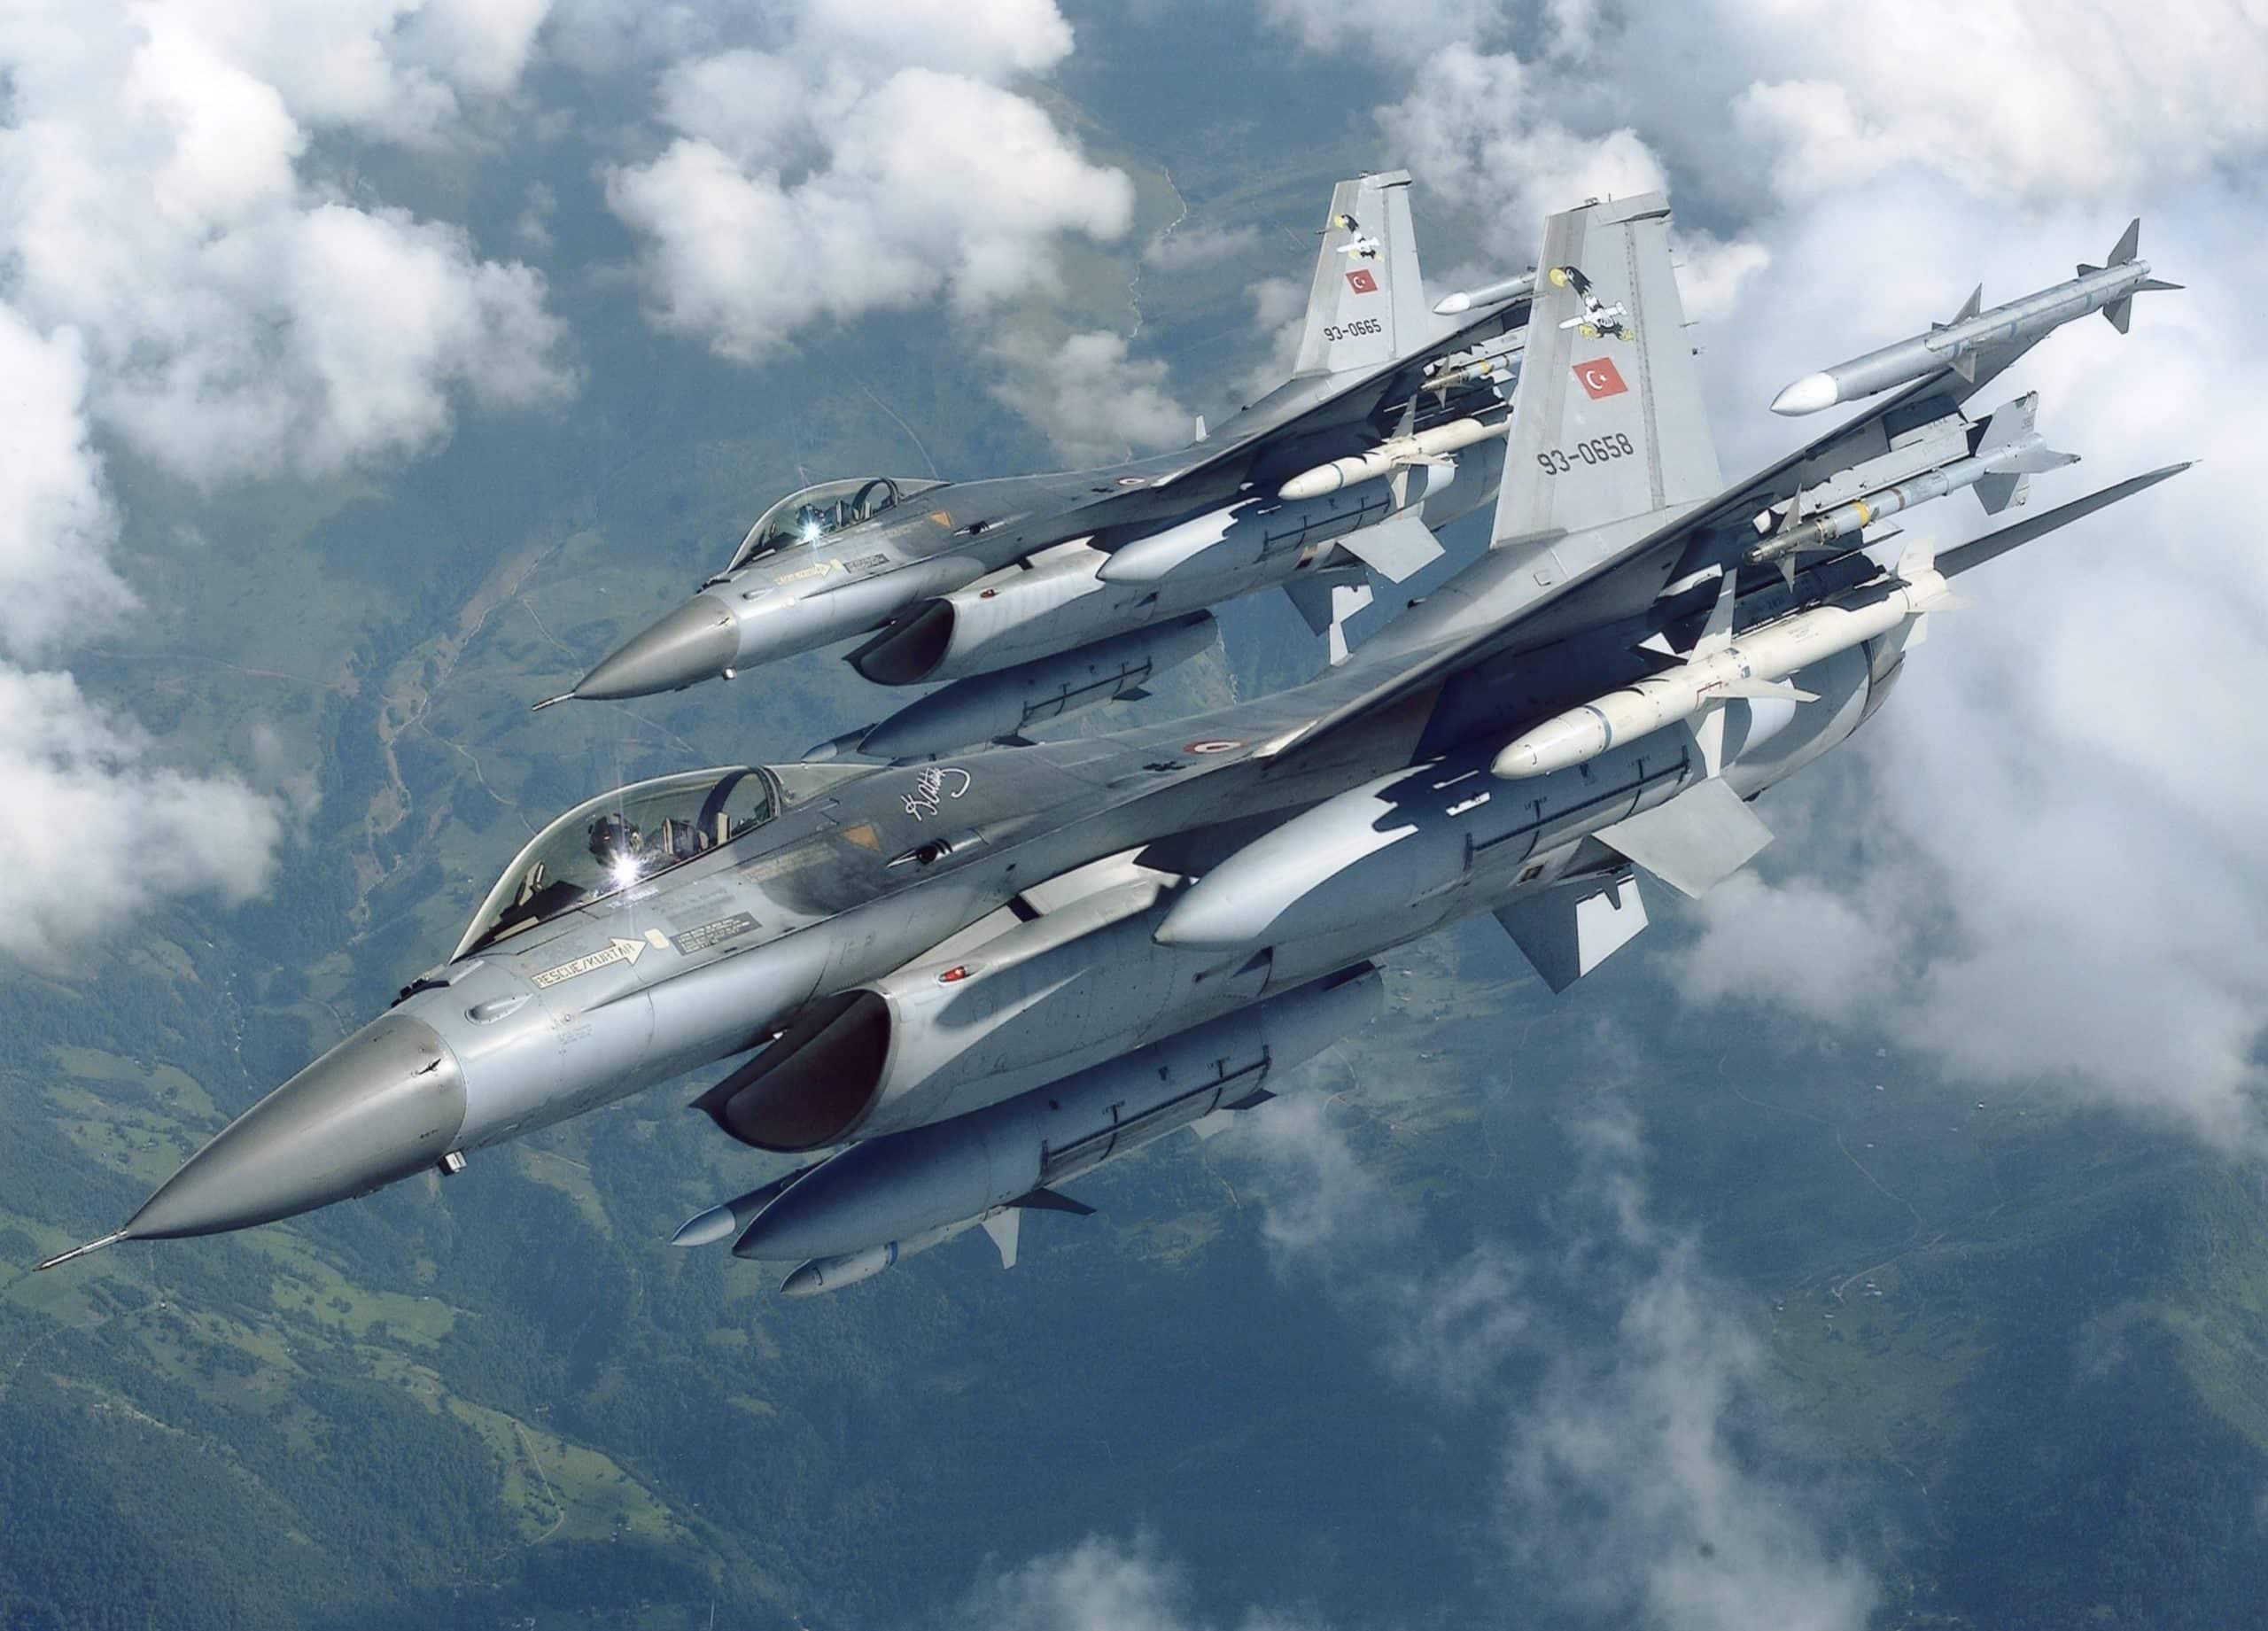 Ελλάδα - Τουρκία: Διάλογος με παραβιάσεις στο Αιγαίο γίνεται; - Τουρκικό ντελίριο με κατασκοπευτικά αεροσκάφη, UAV και οπλισμένα μαχητικά